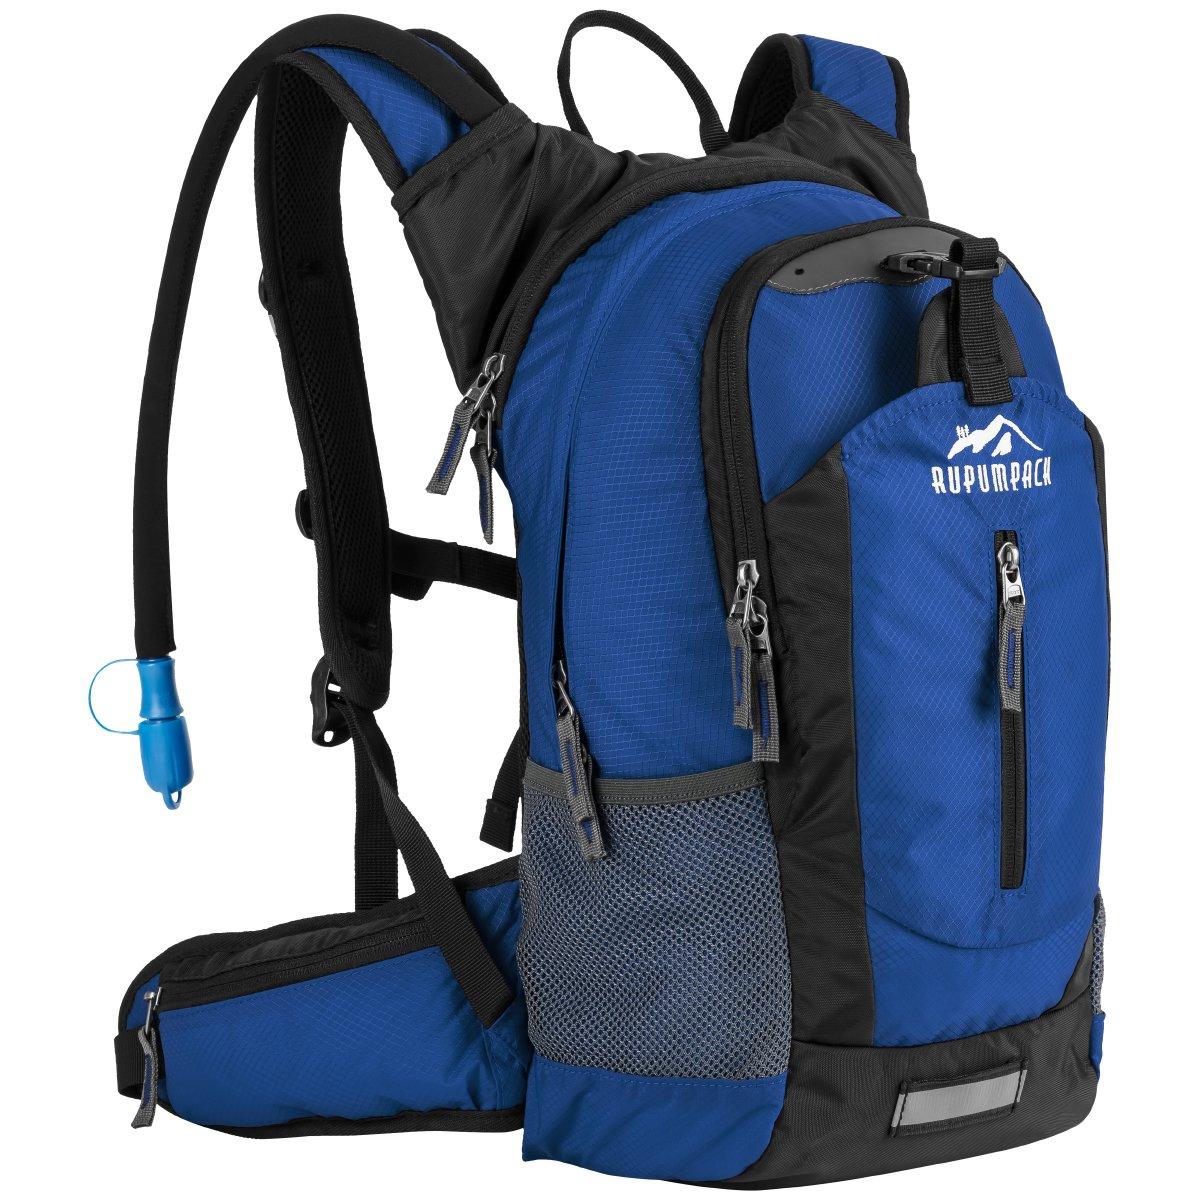 Senderismo mochila Pack de Hidratación aislado con 2.5L sin BPA agua bladder- líquido mantiene fresco hasta 4horas, ligero Mochila para senderismo correr ciclismo Camping escuela Commuter, 18L RUPUMPACK